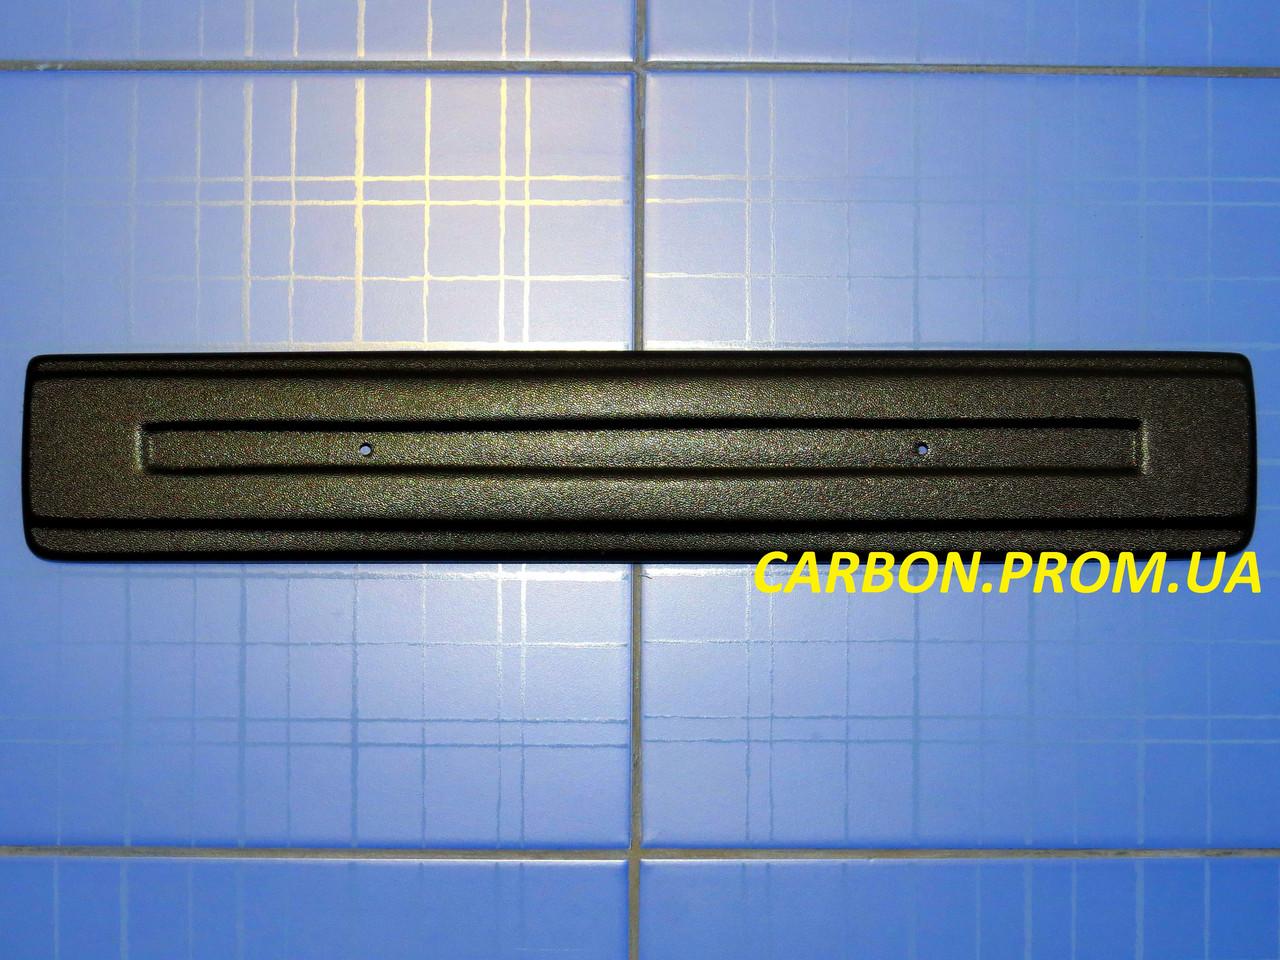 Зимняя заглушка решётки радиатора Фольксваген Т5 низ короткая 2003-2010 матовая Fly. Утеплитель Volkswagen T5